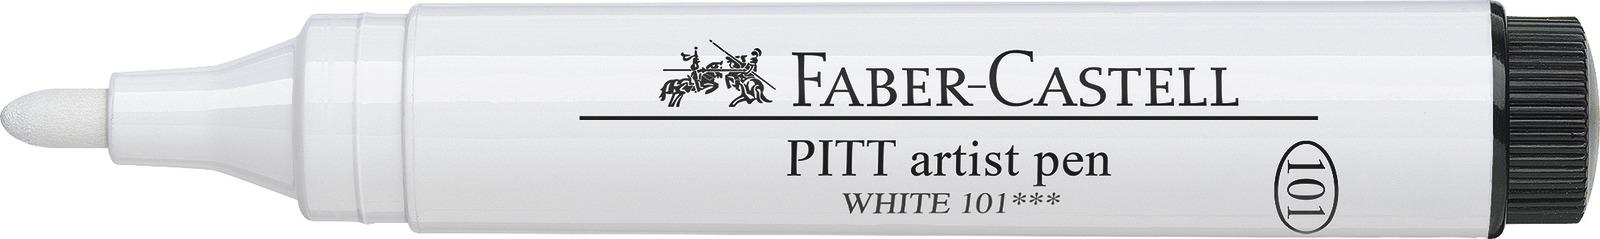 Faber-Castell: Pitt Artist Pen - White (2.5mm) image